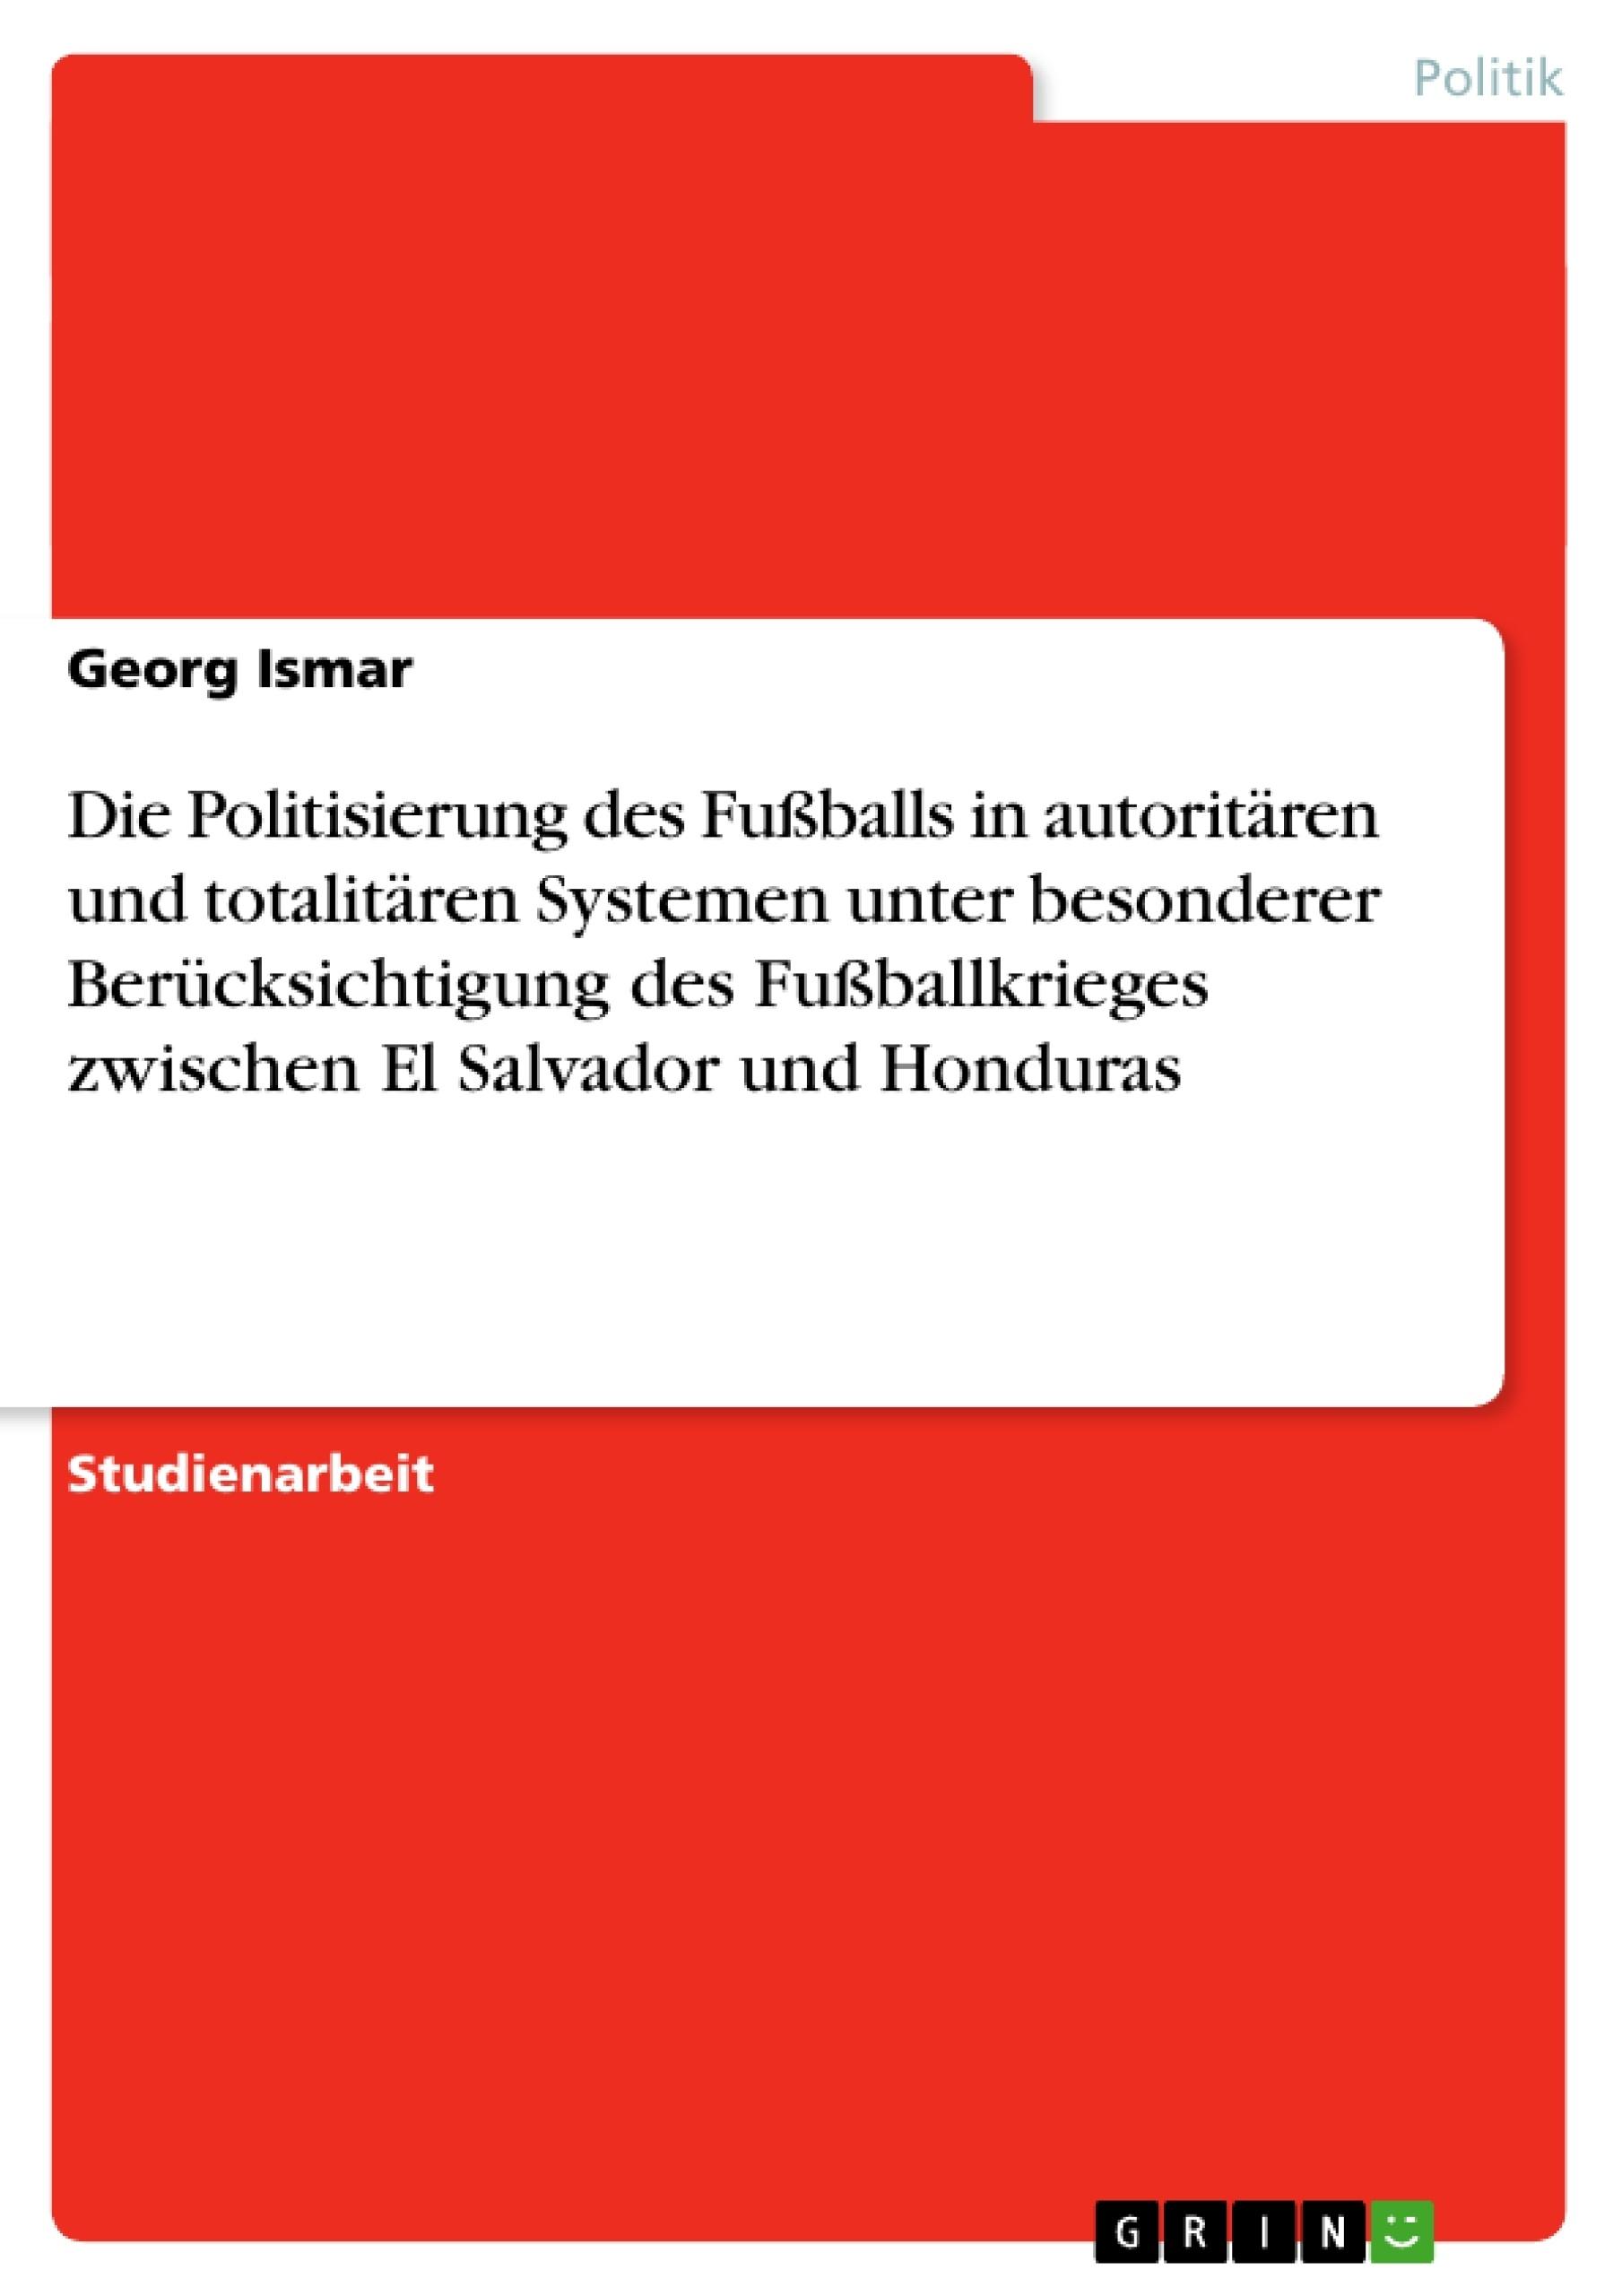 Titel: Die Politisierung des Fußballs in autoritären und totalitären Systemen unter besonderer Berücksichtigung des Fußballkrieges zwischen El Salvador und Honduras